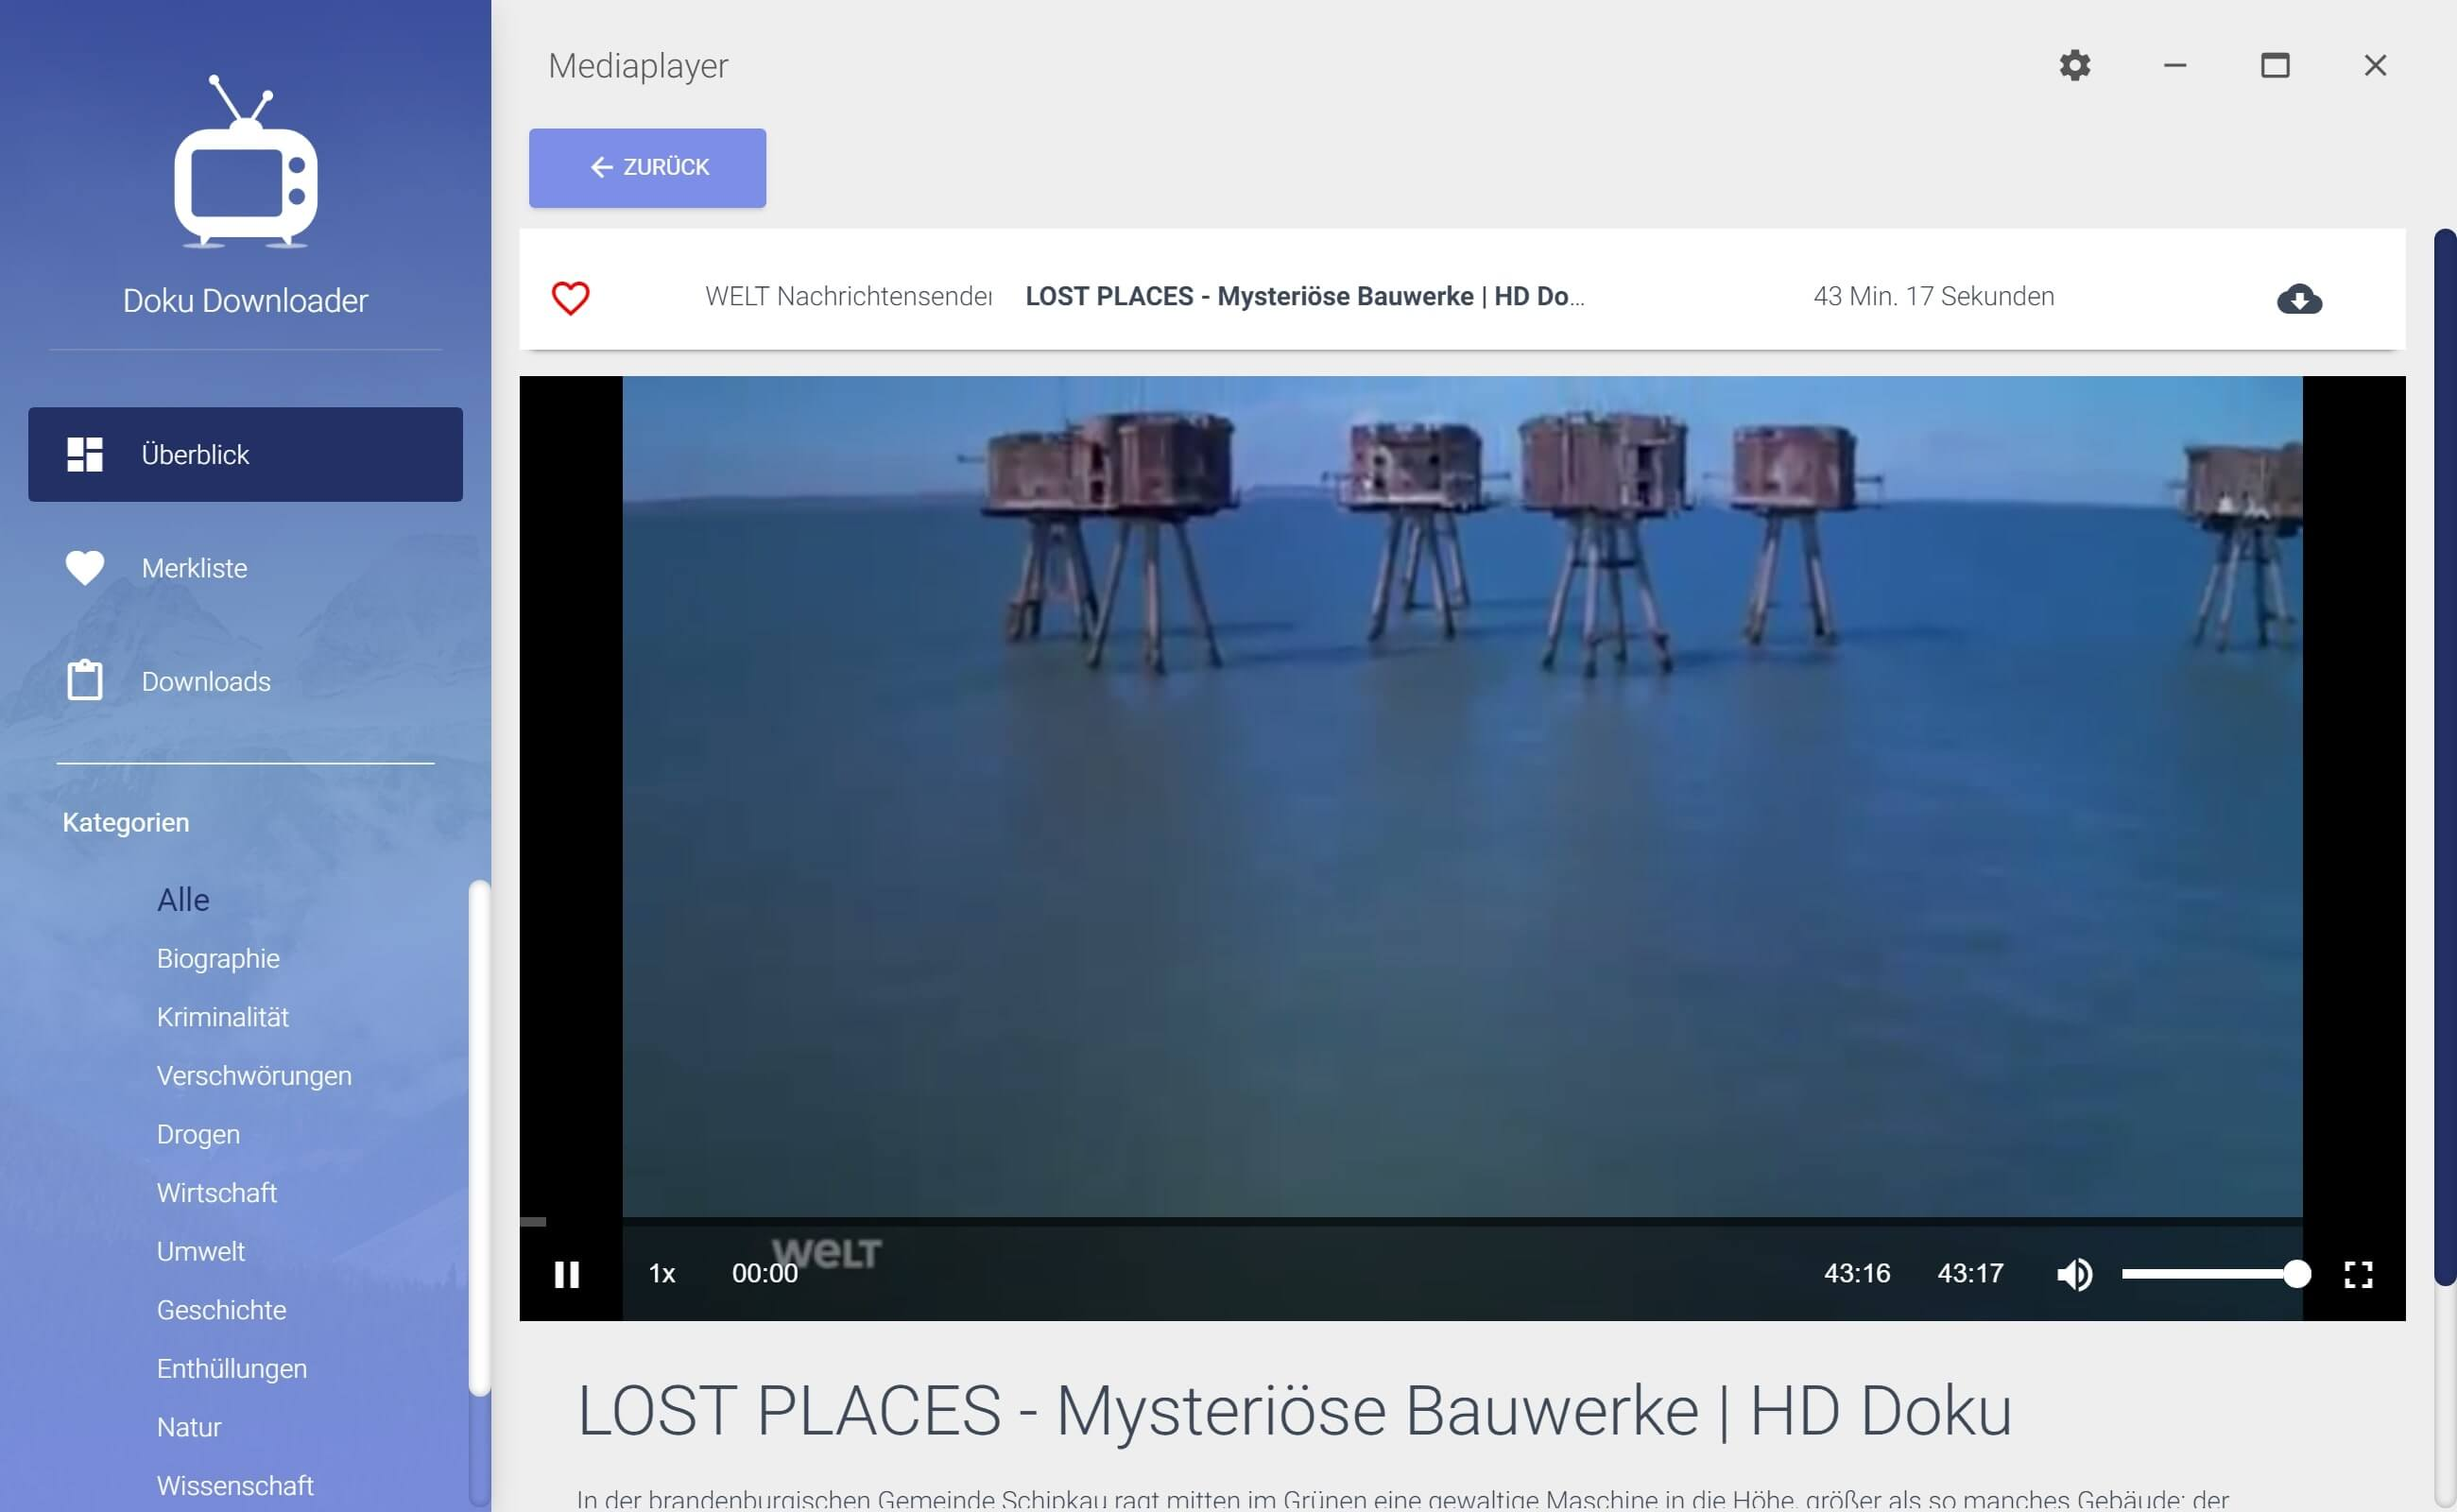 Youtube Dokumentationen herunterladen - Detailansicht